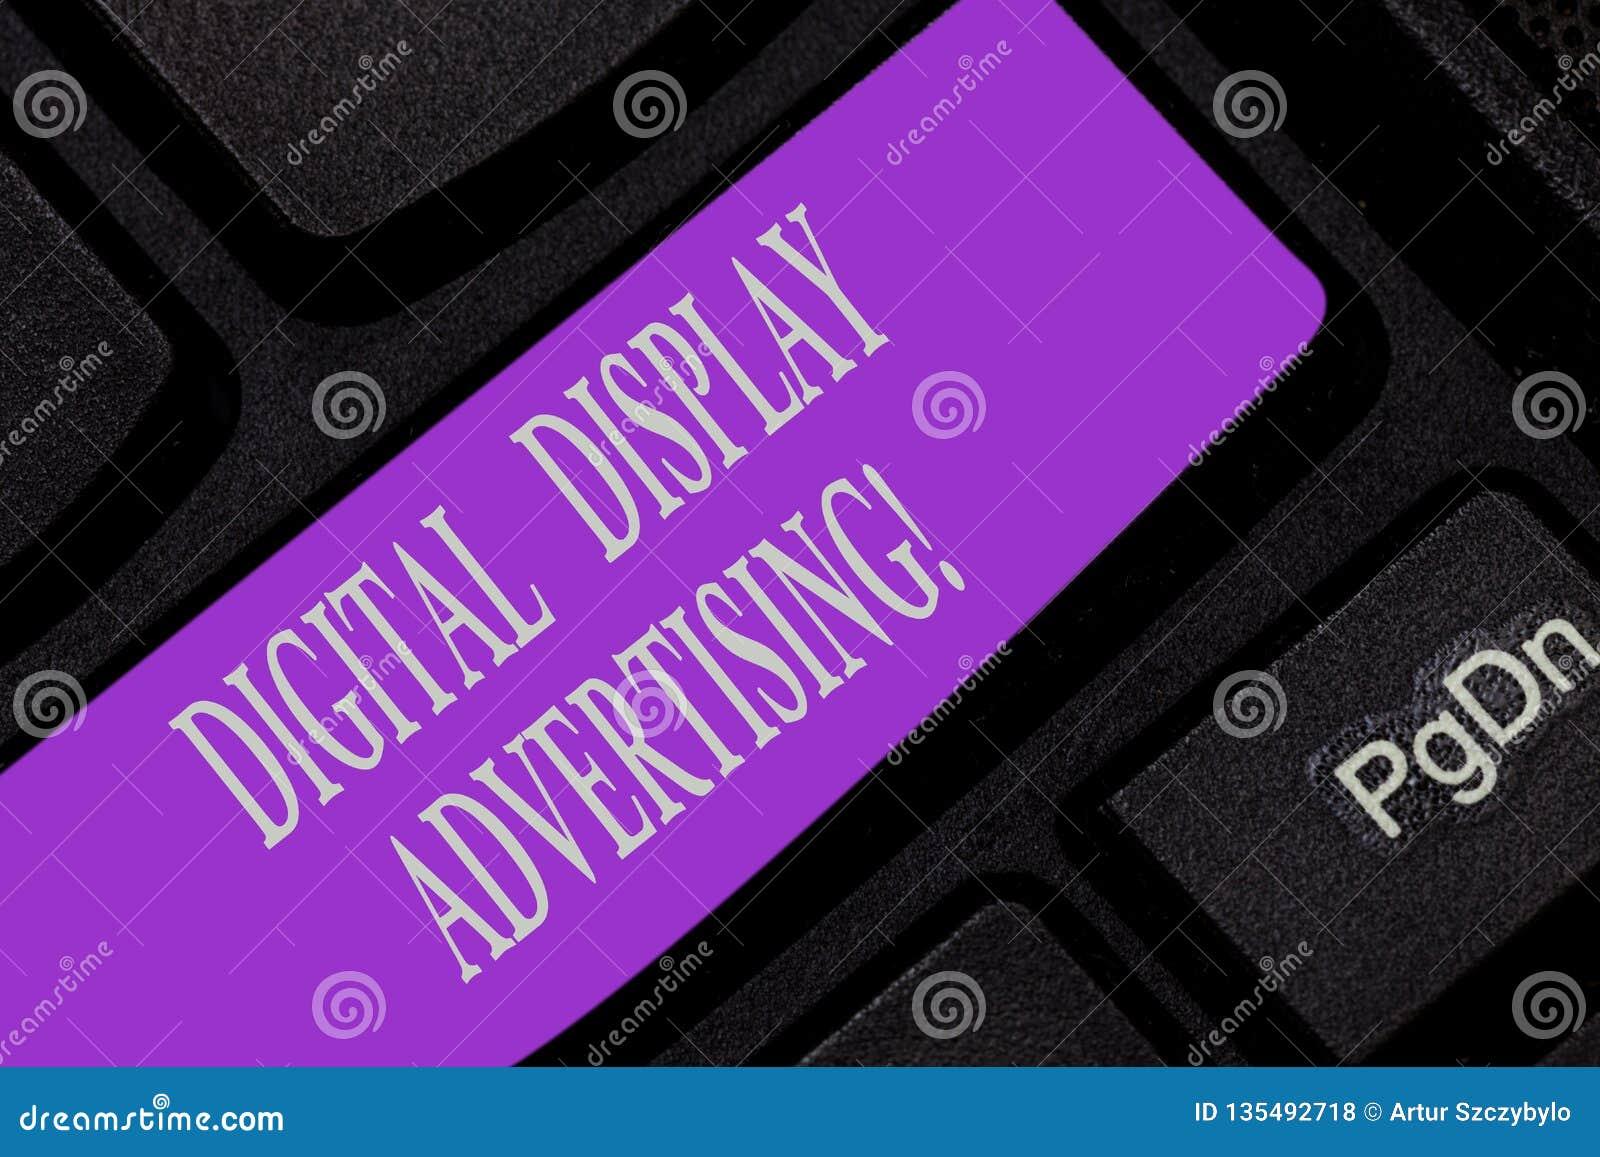 Κείμενο γραφής που γράφει τη διαφήμιση ψηφιακής επίδειξης Η έννοια έννοιας μεταβιβάζει ένα εμπορικό μήνυμα χρησιμοποιώντας τη γρα